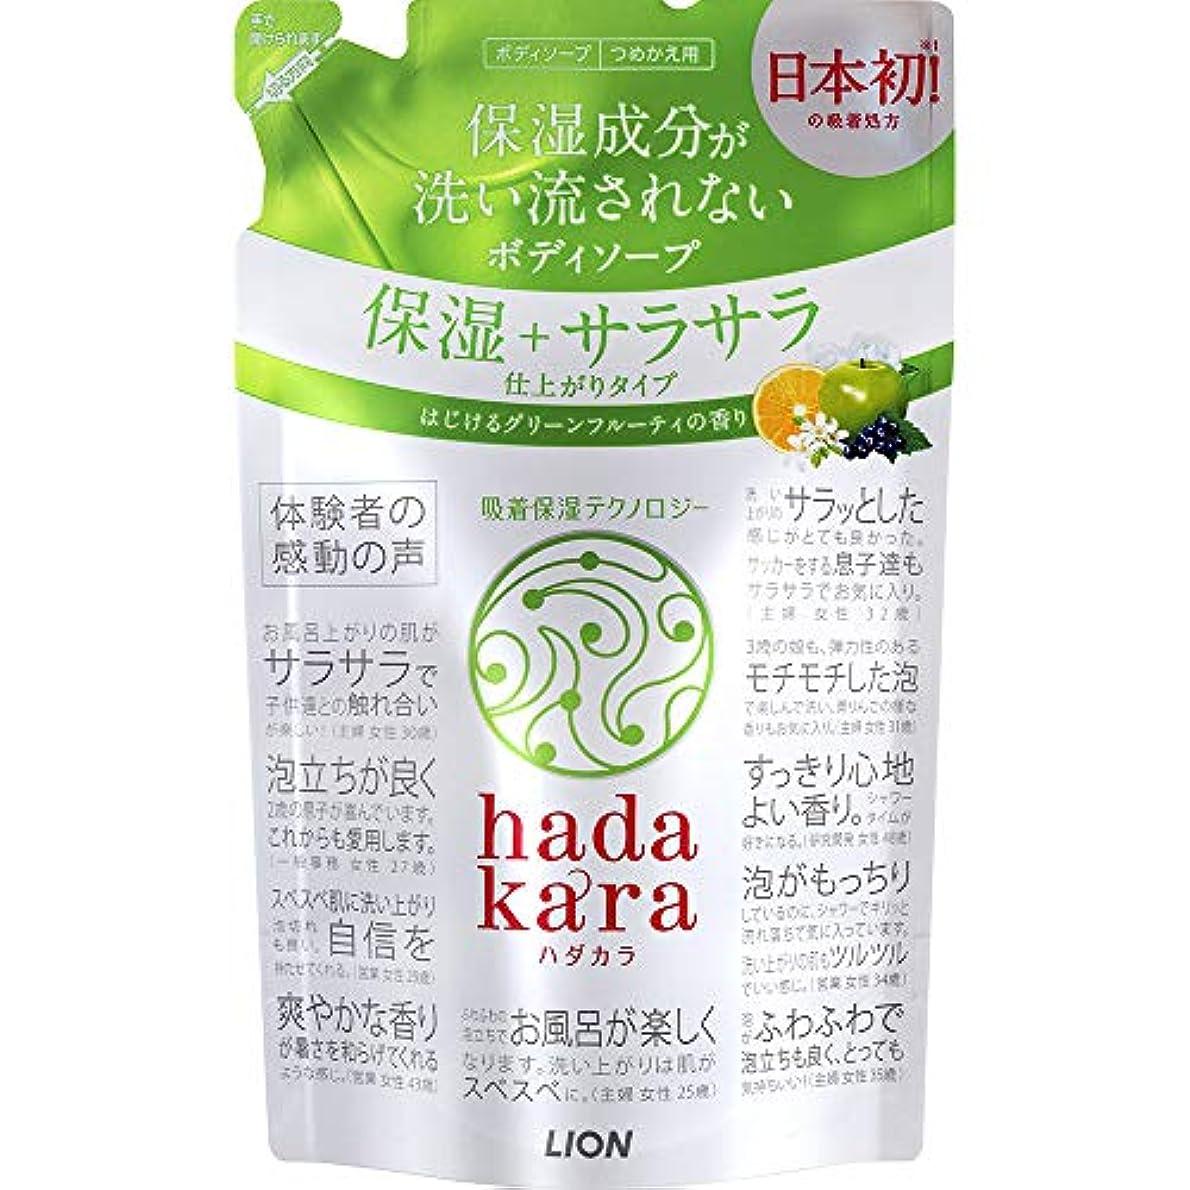 したいタイト迷信hadakara(ハダカラ) ボディソープ 保湿+サラサラ仕上がりタイプ グリーンフルーティの香り 詰め替え 340ml